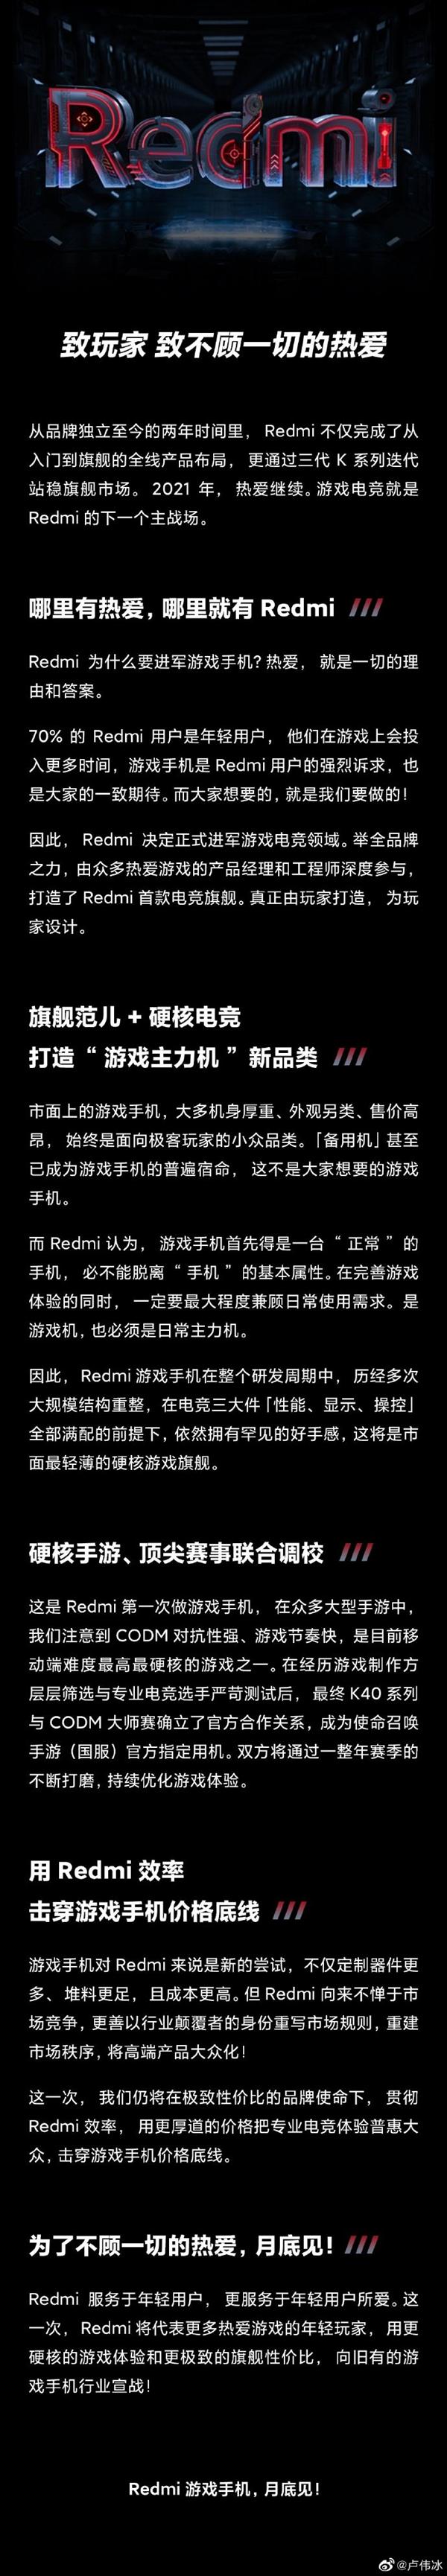 卢伟冰预热Redmi游戏手机:击穿价格底线 向传统游戏手机宣战